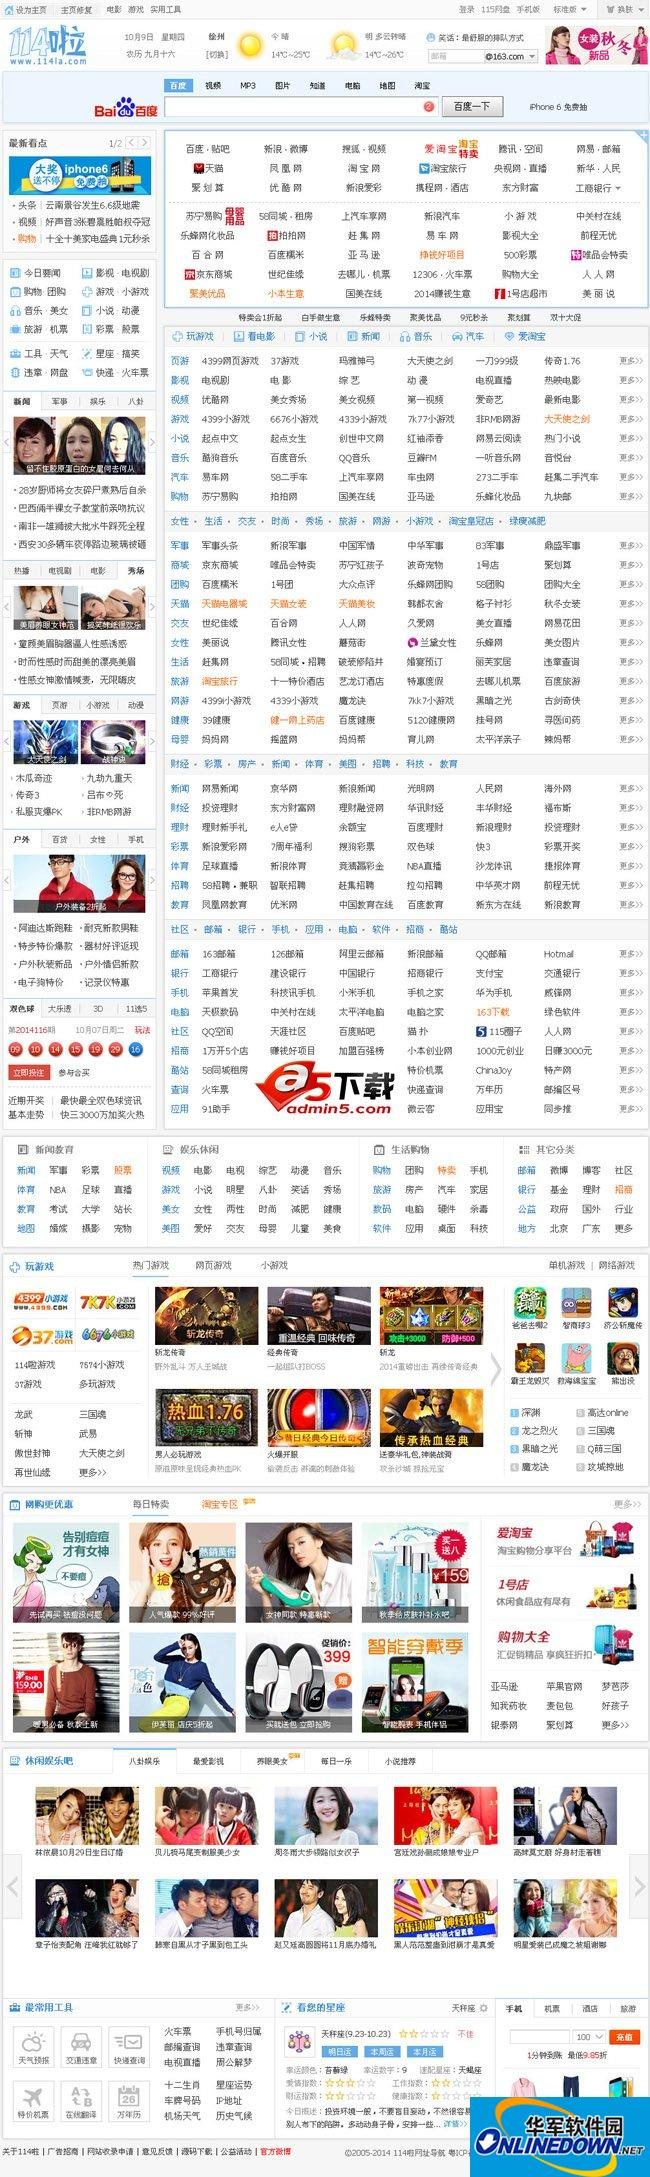 114啦网址导航建站系统 2.0 UTF-8